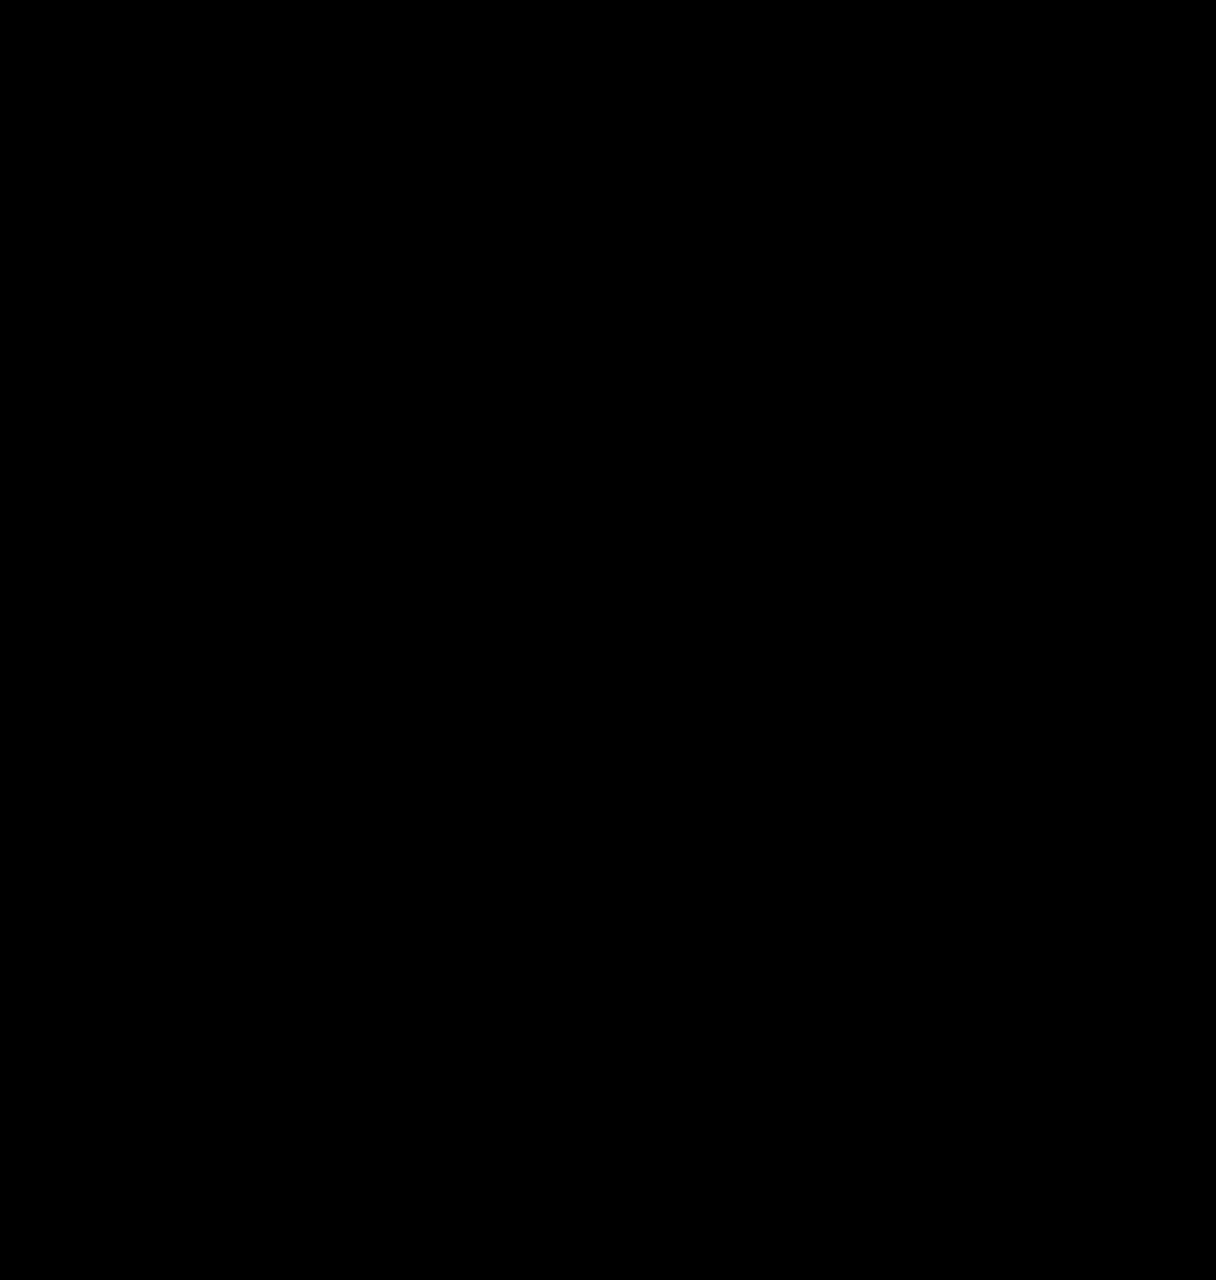 setas e efeitos negros - photo #1